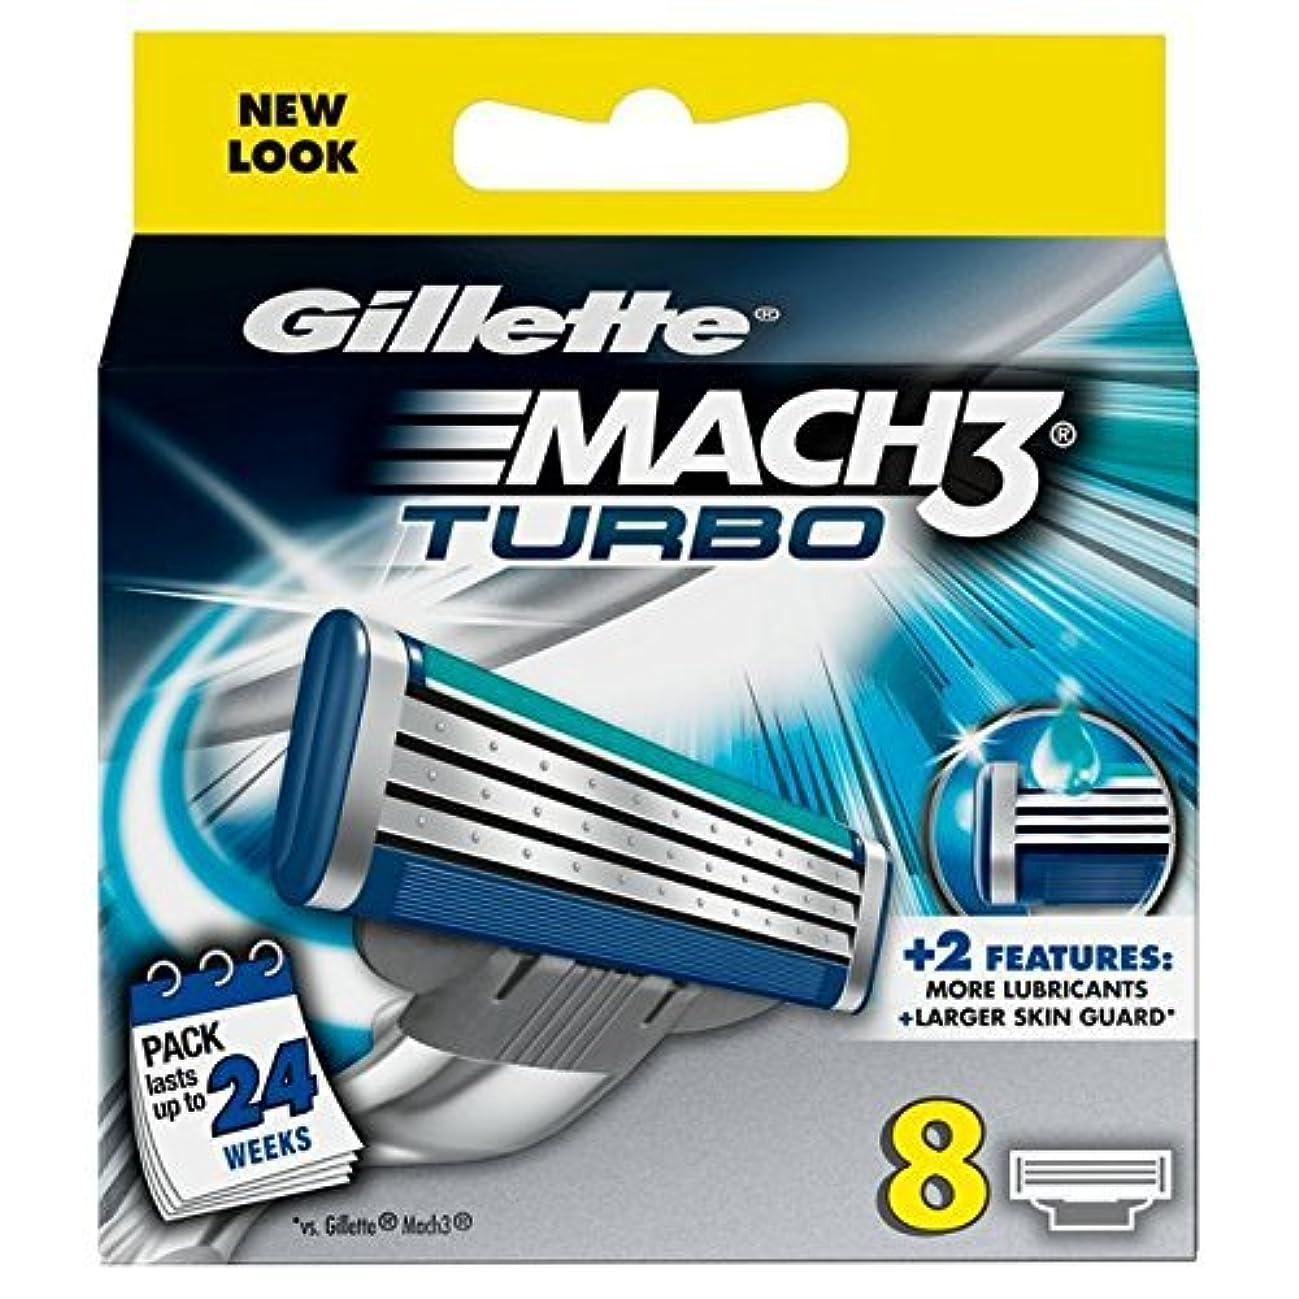 許可する地殻前部ジレット マッハ 3 ターボ 替刃8個入 Gillette Mach 3 Turbo [並行輸入品]